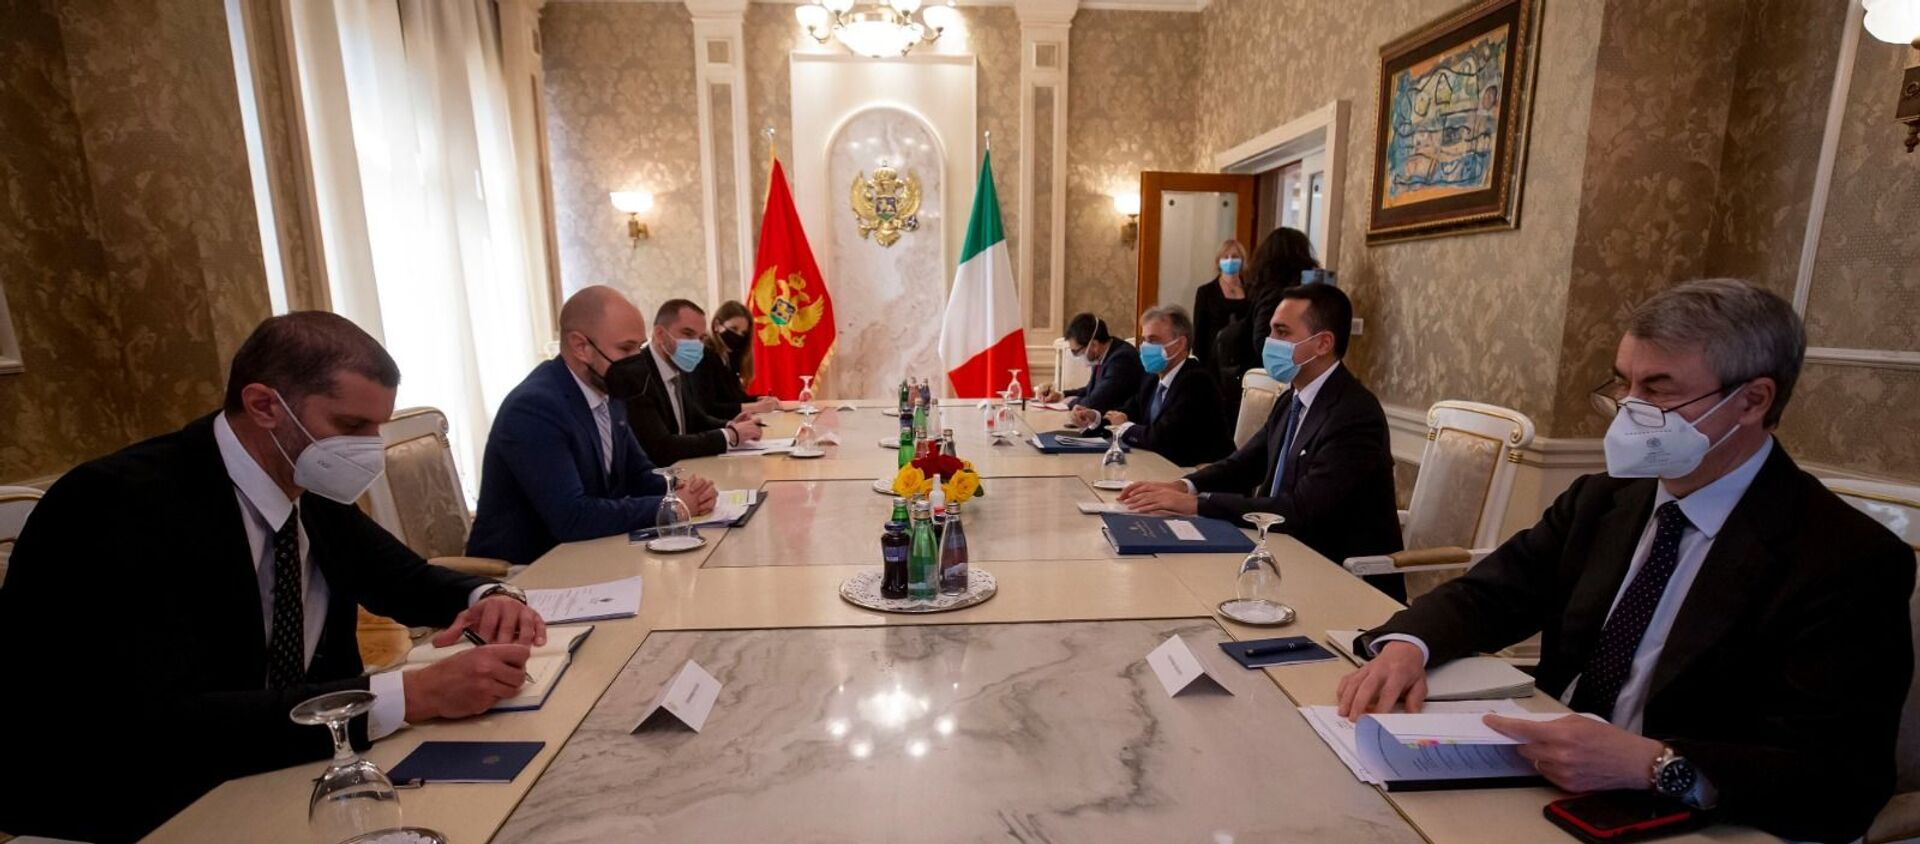 Di Maio incontra il Ministro degli Esteri del Montenegro, Djordje Radulovic. - Sputnik Italia, 1920, 29.03.2021